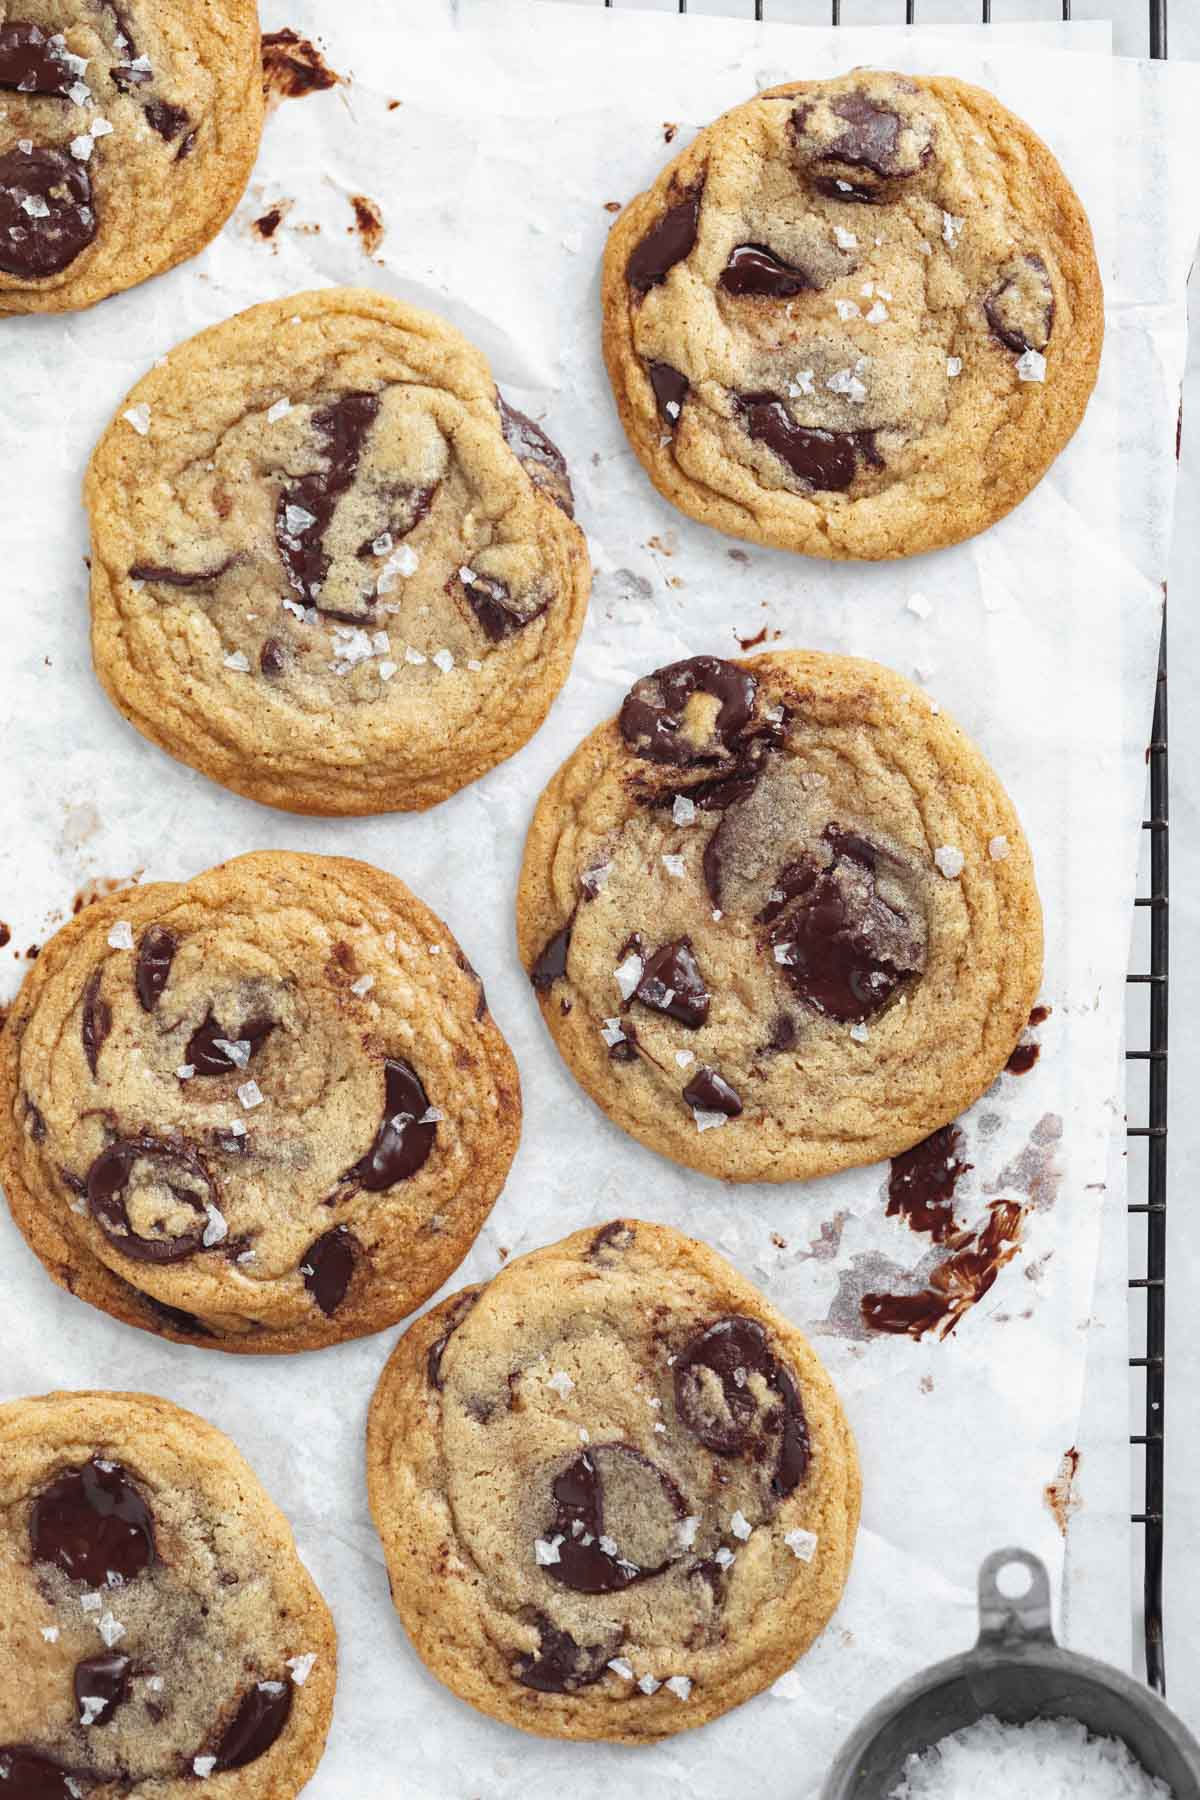 meilleure recette de cookies aux pépites de chocolat